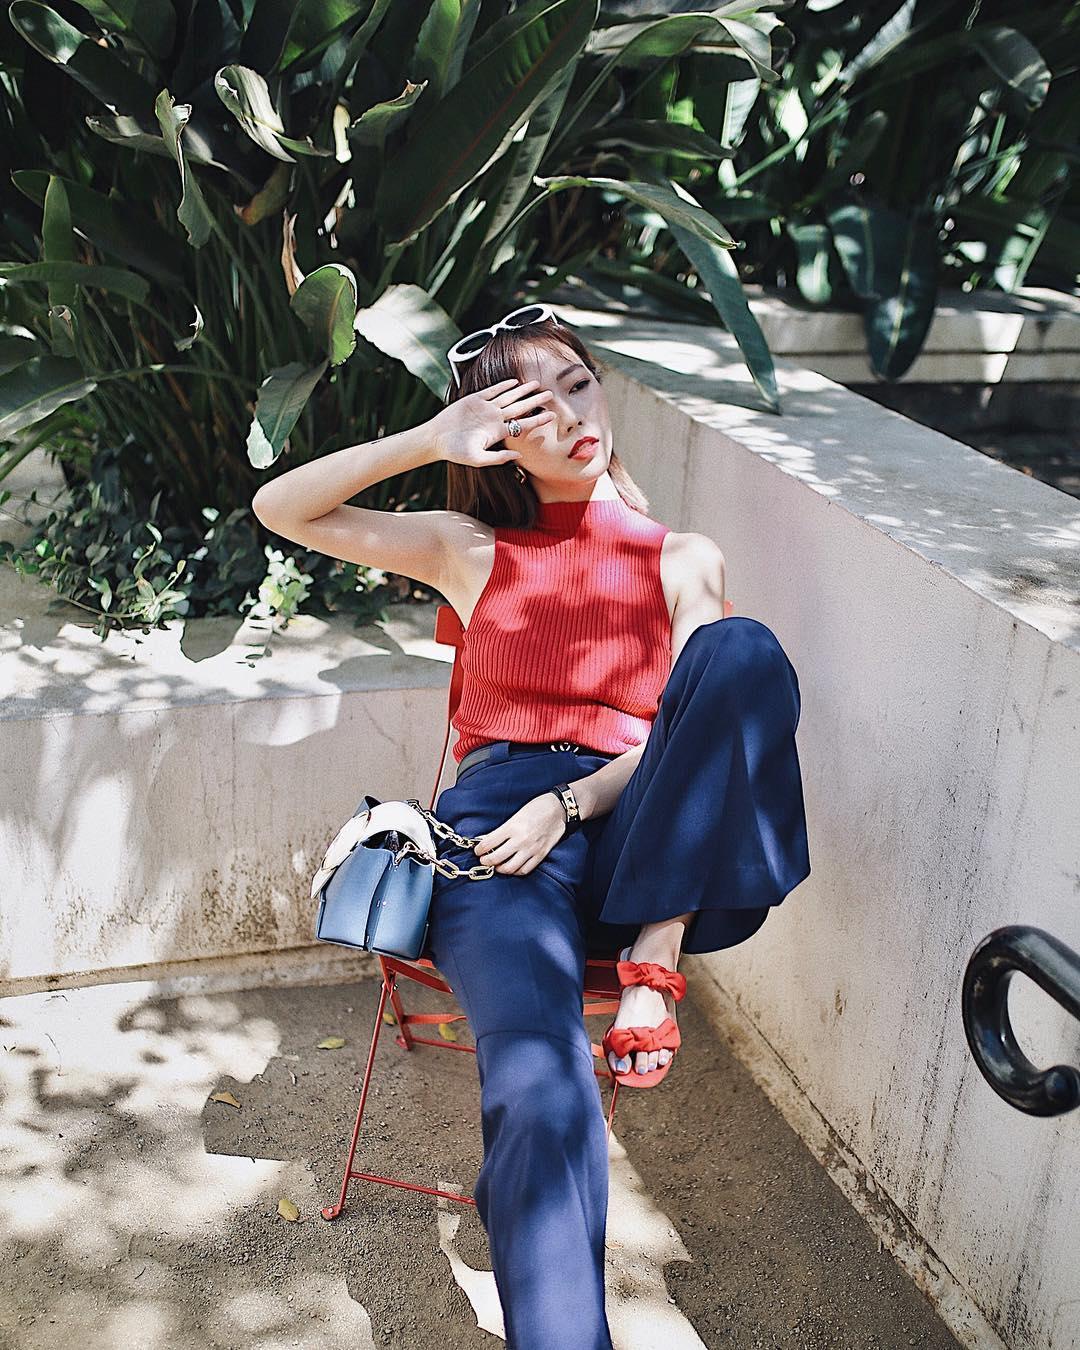 Cô gái mặc áo đỏ, quần xanh, mang dép nữ màu đỏ